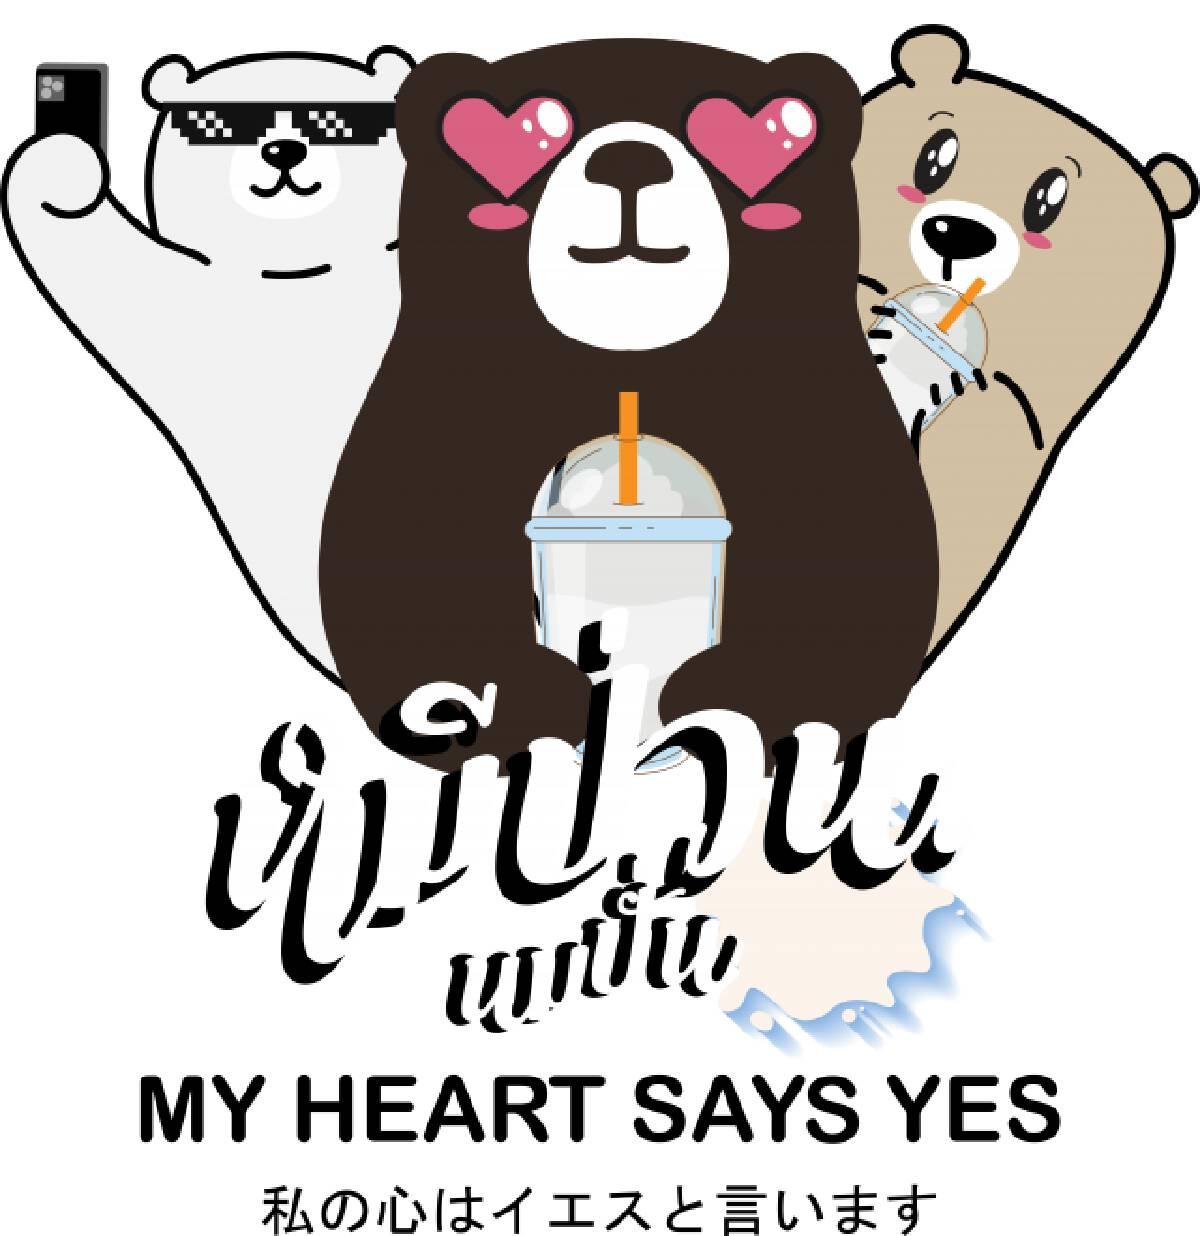 หมีป่วน นมปั่น คาเฟ่ แฟรนไชส์ของคนรุ่นใหม่ ใช้สัญลักษณ์โลโก้หมี3ตัวเชื่อมโยงความสุข